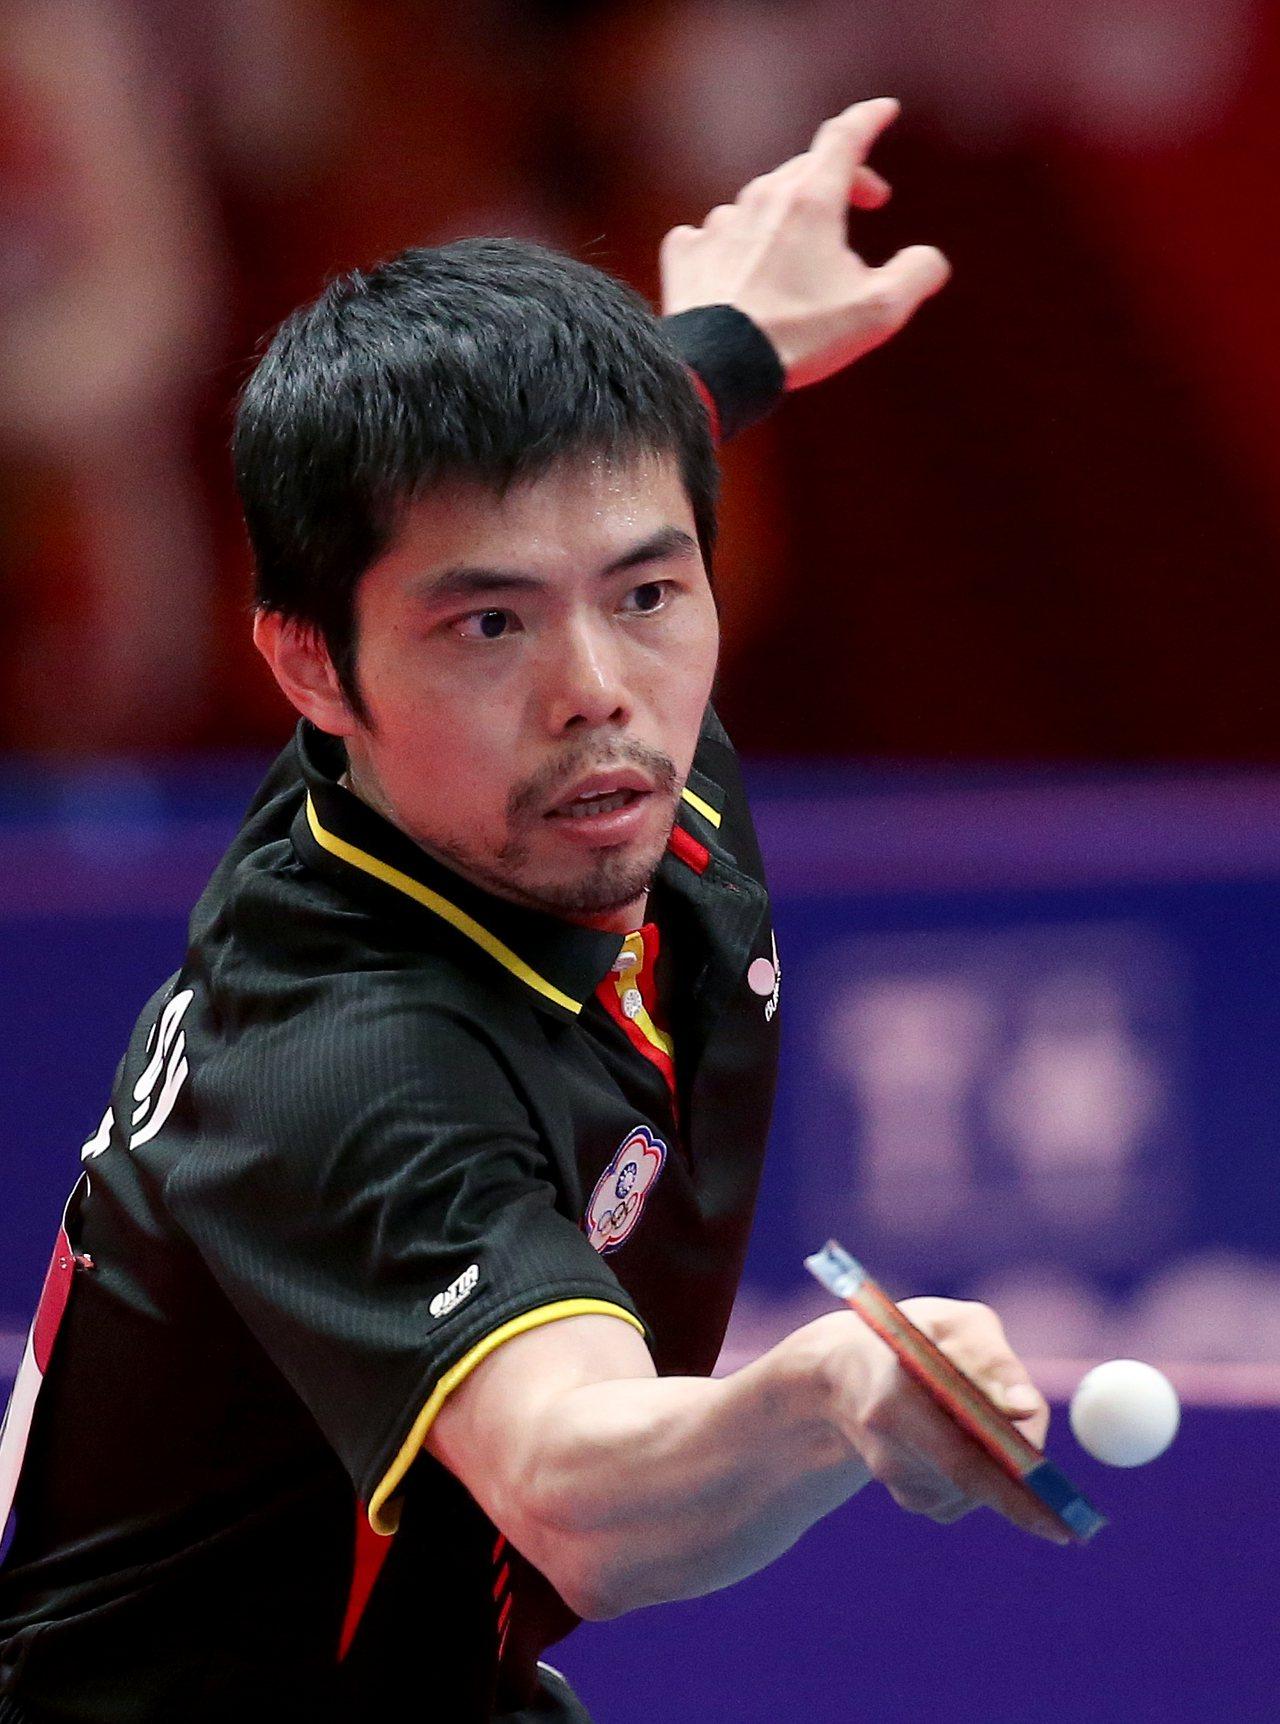 體育署長高俊雄今天表示,體育署將會盡全力慰留莊智淵,目標就是要把中華桌球代表隊最...